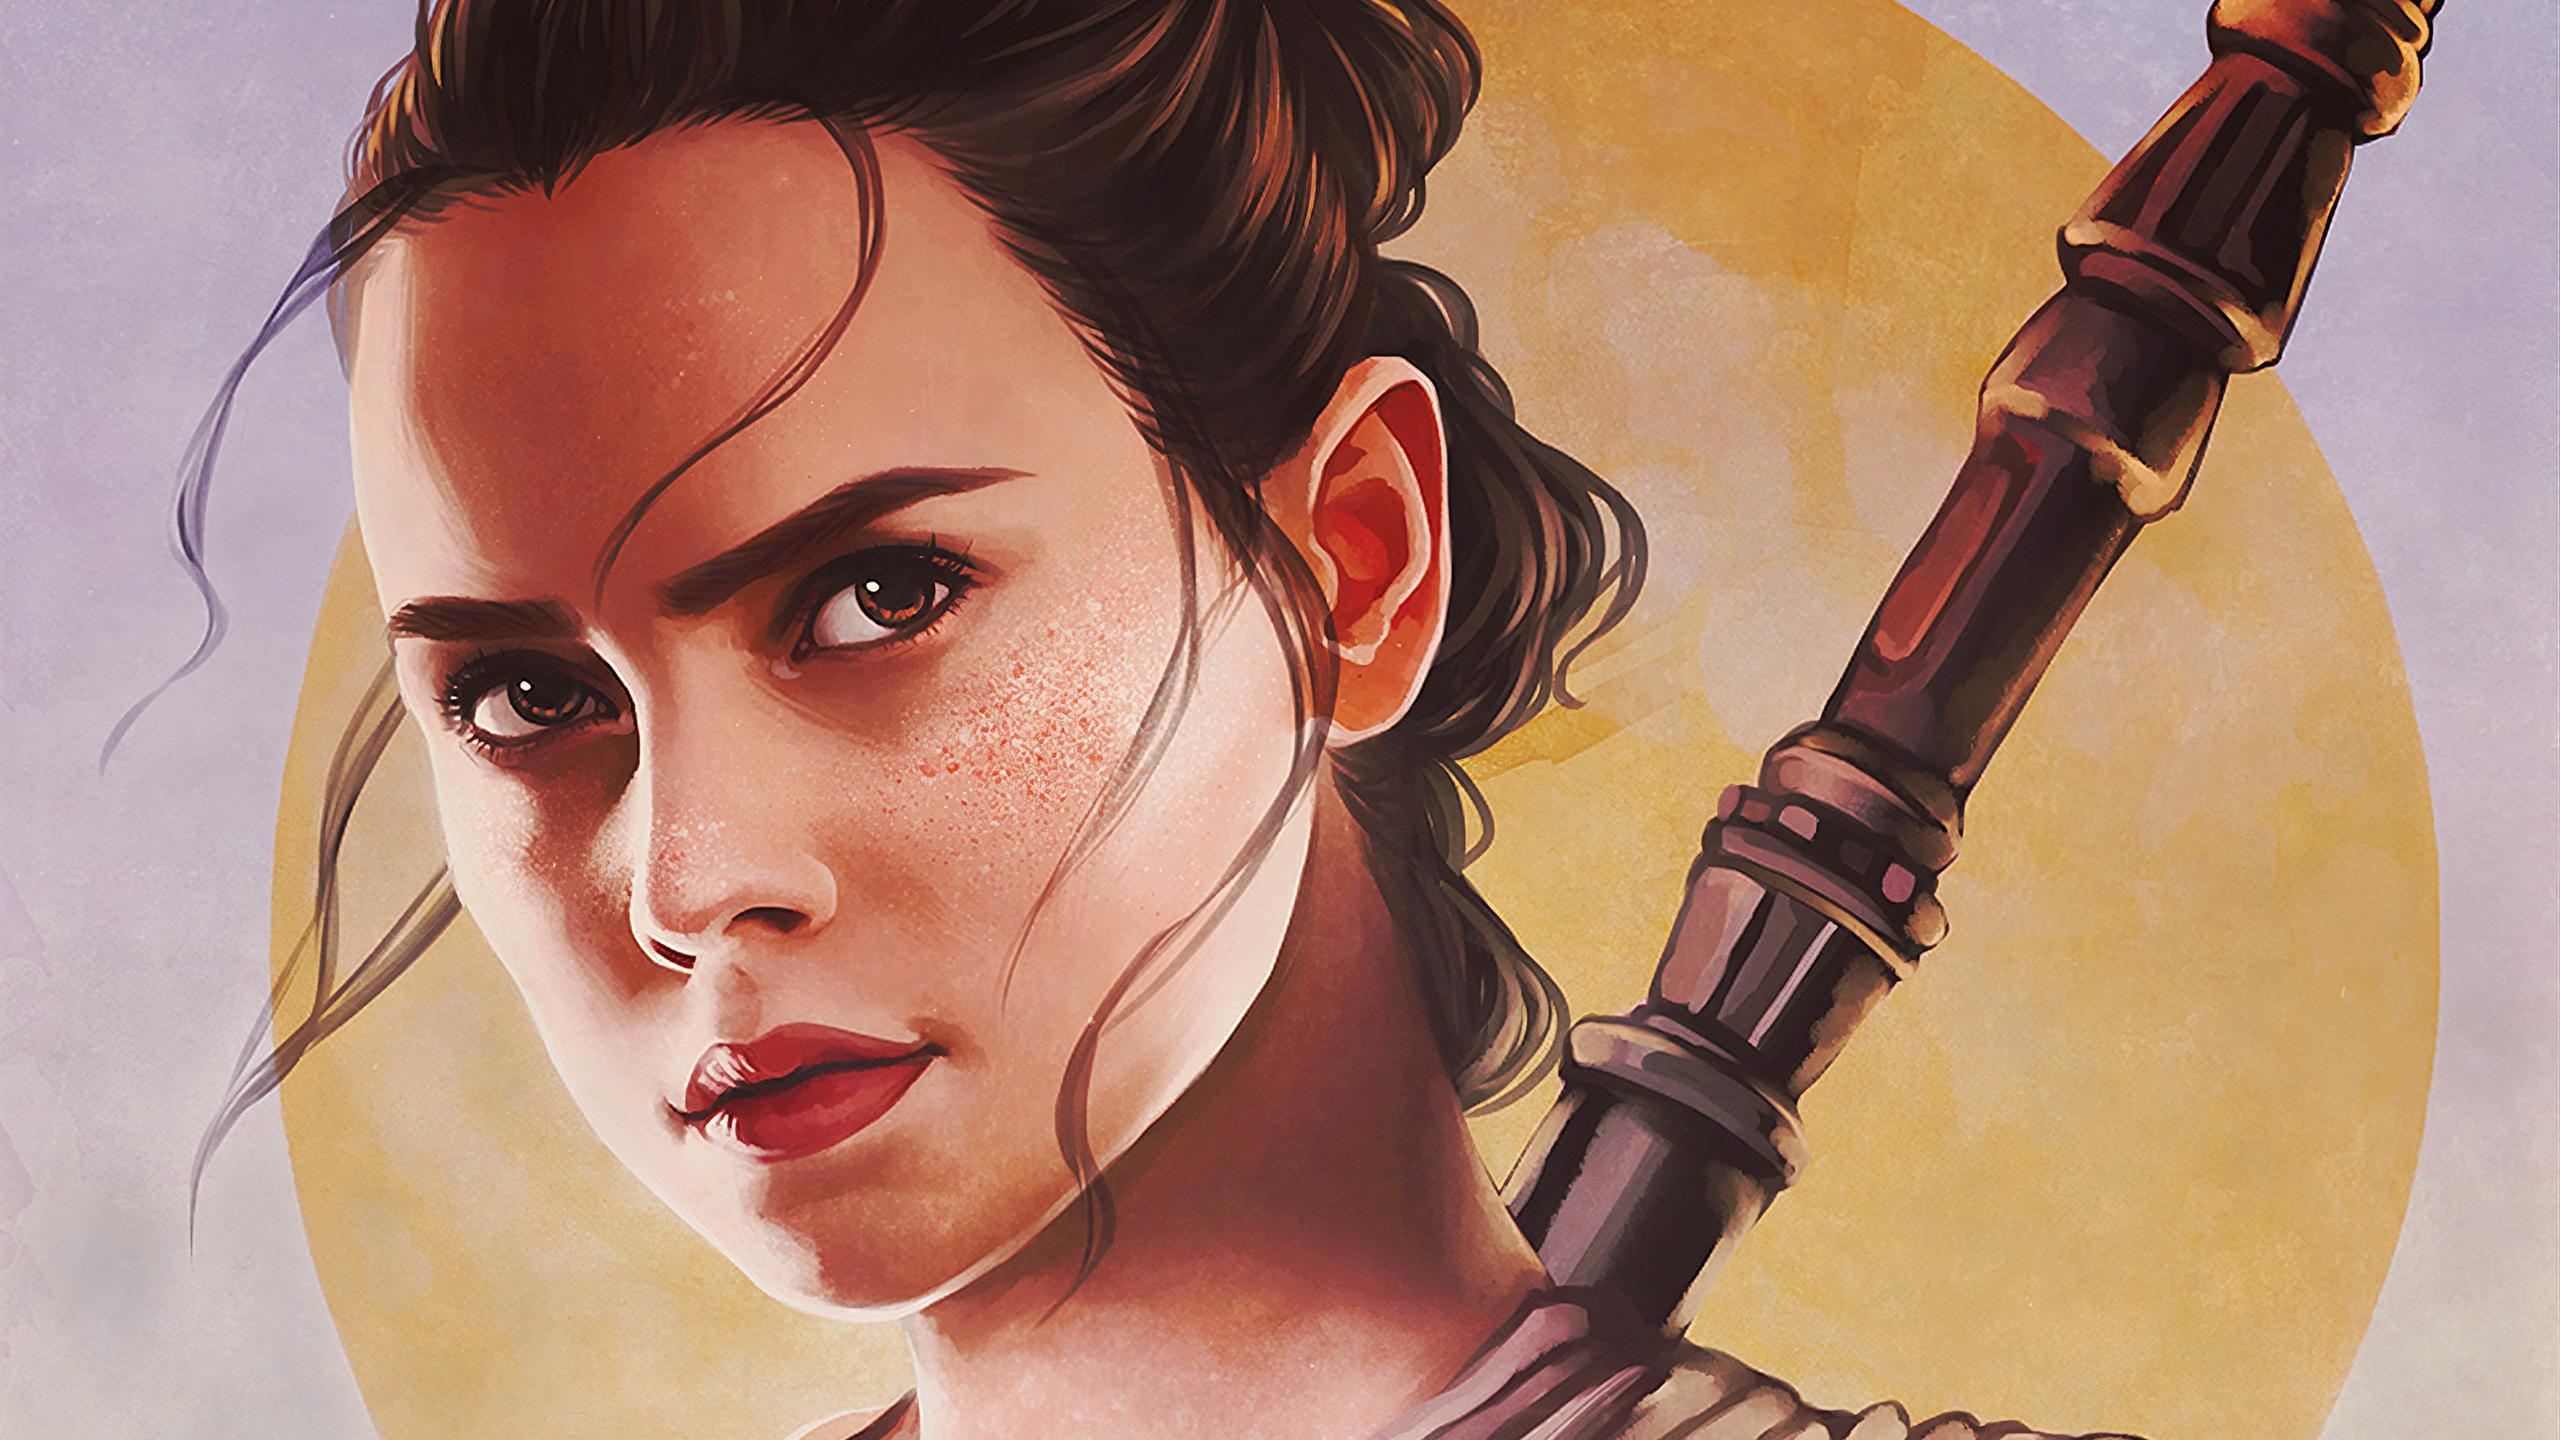 Rey Star Wars Fanart 2560x1440 Wallpaper Teahub Io